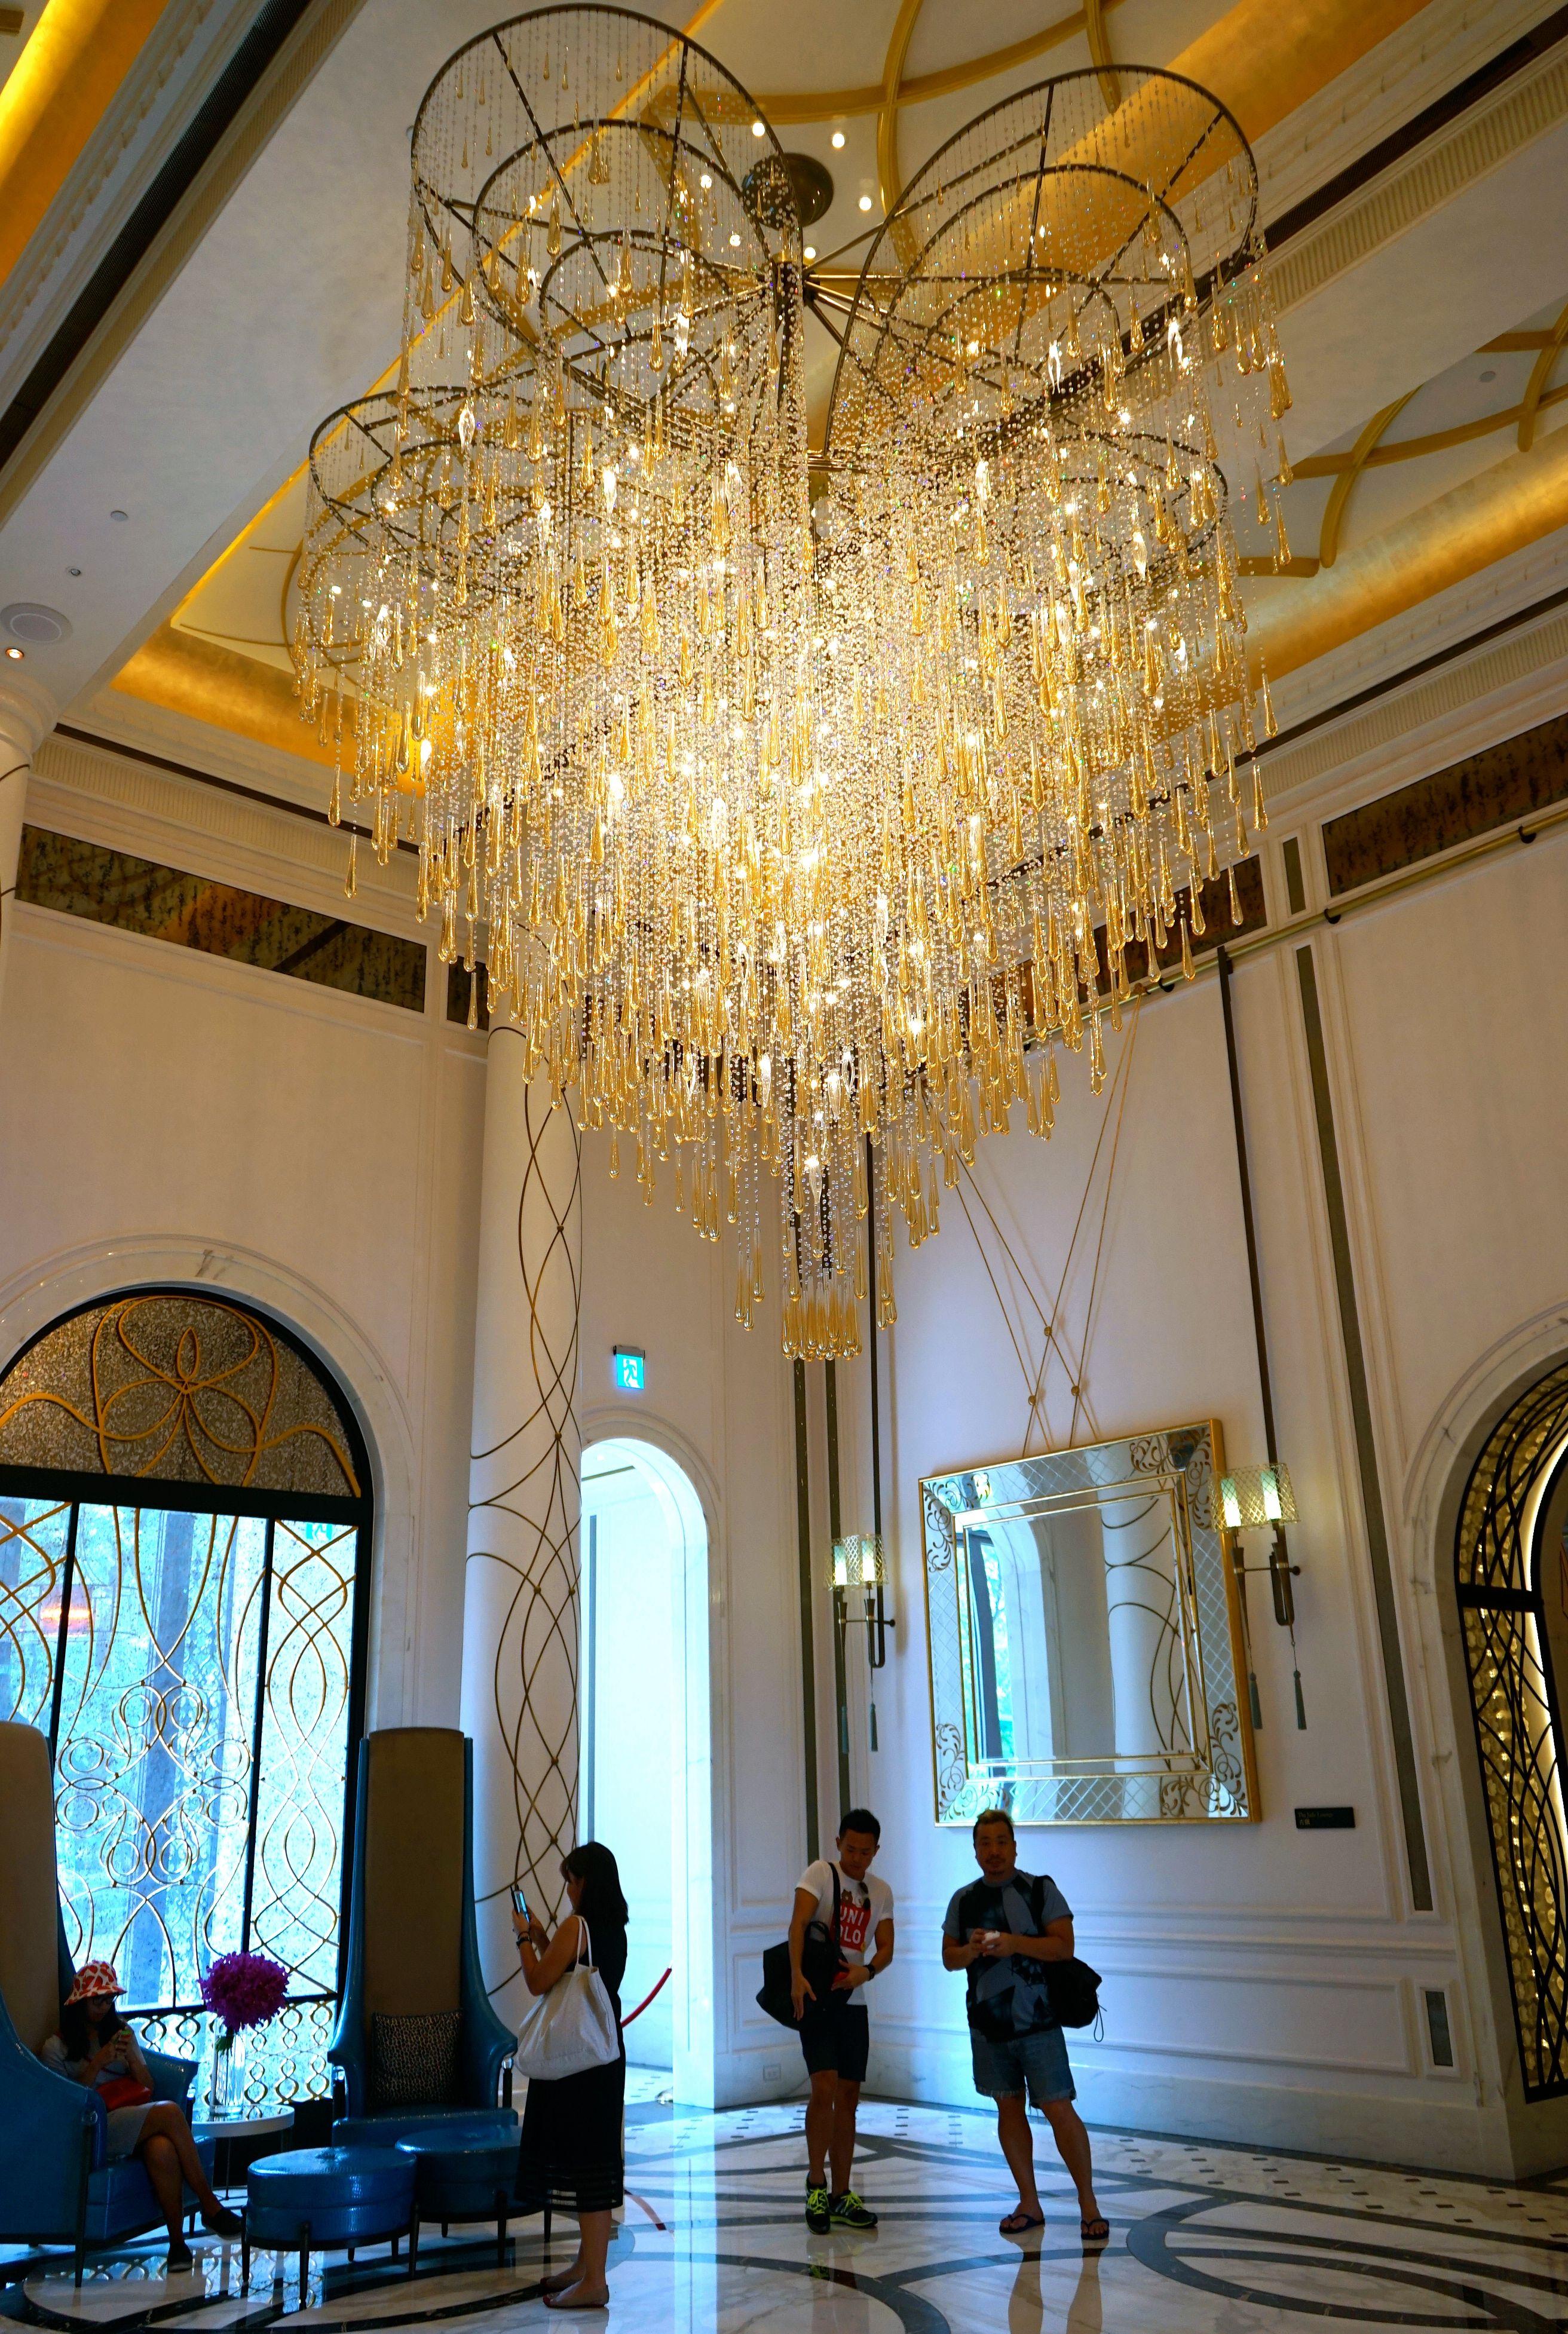 Роскошный канделябр в интерьере гостиничного холла